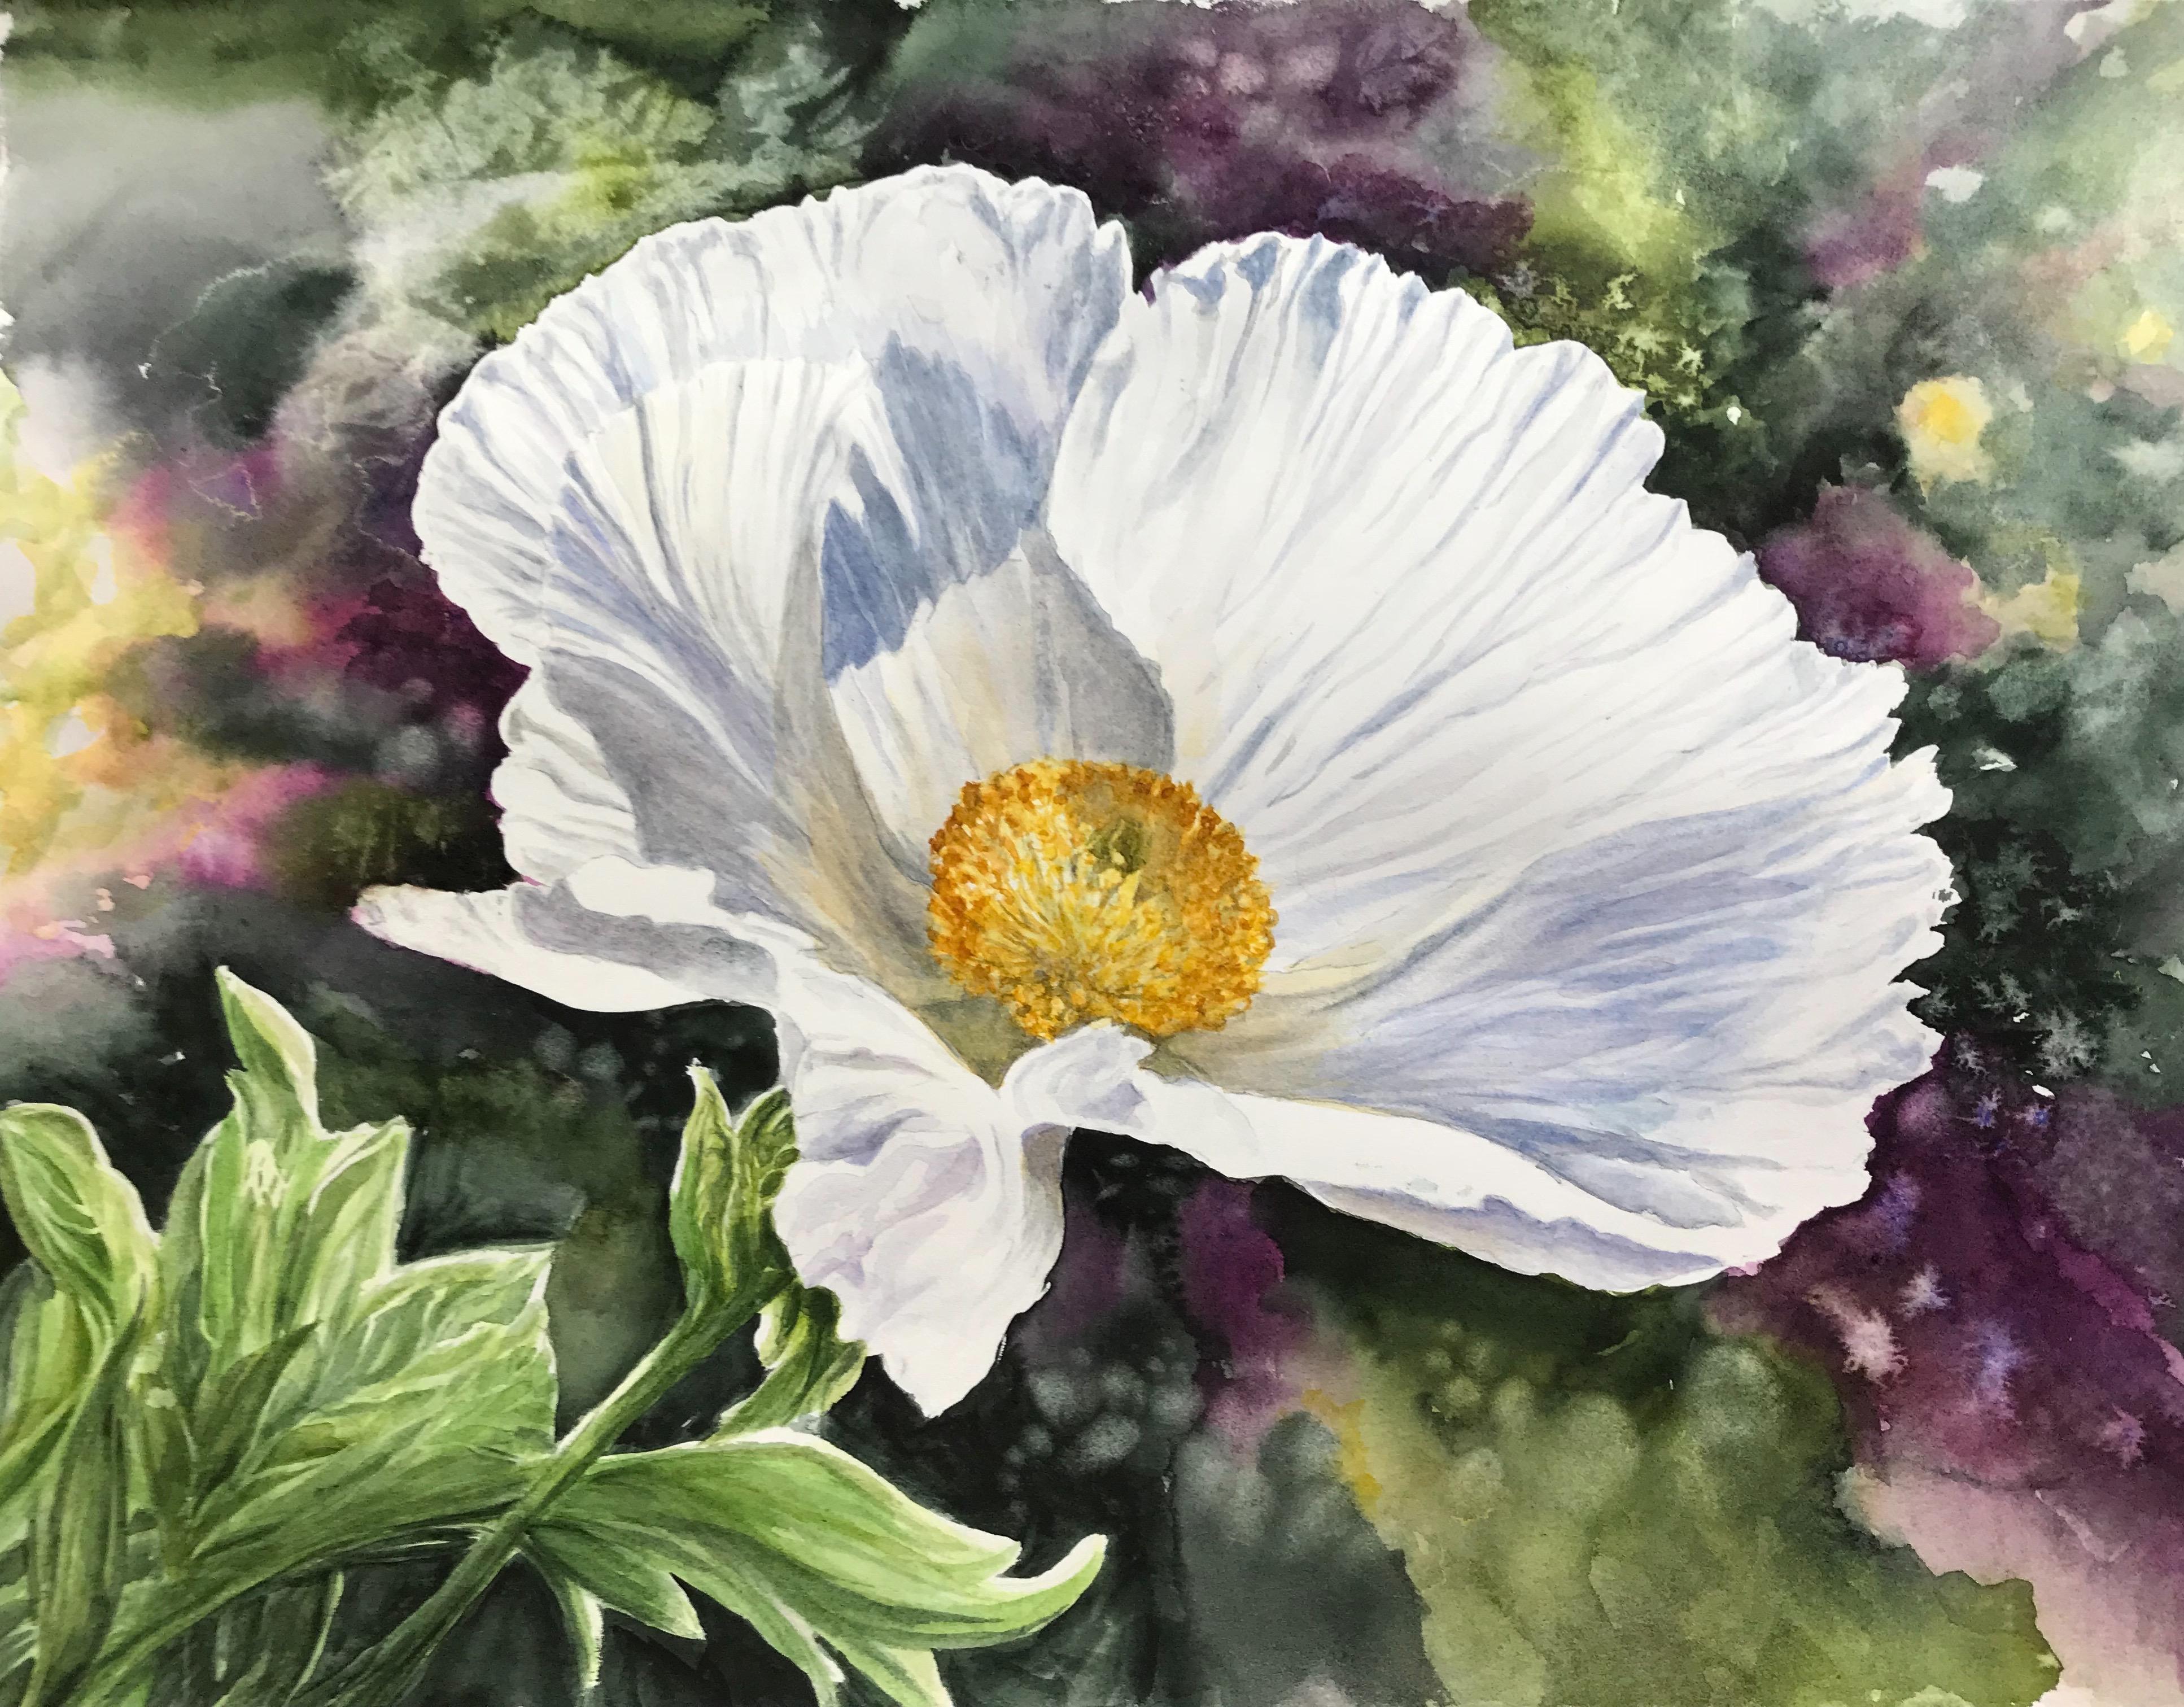 Artist Heather Taft